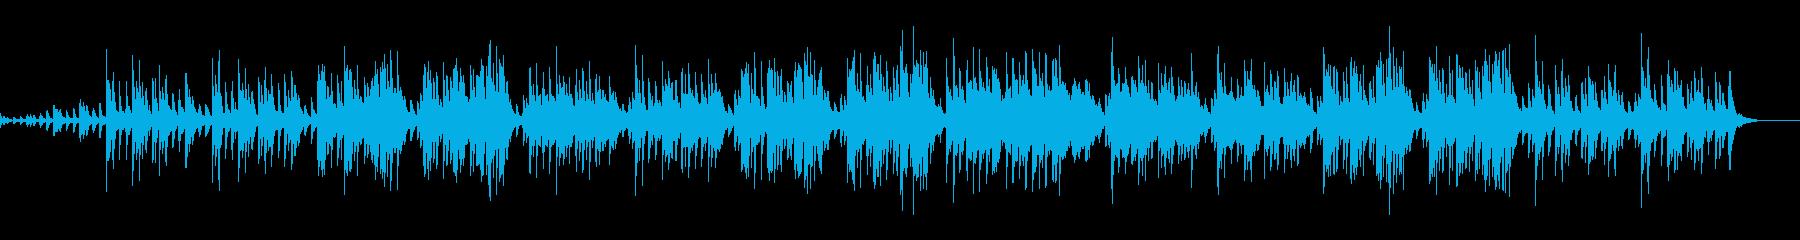 純日本的な伝統的音楽の再生済みの波形